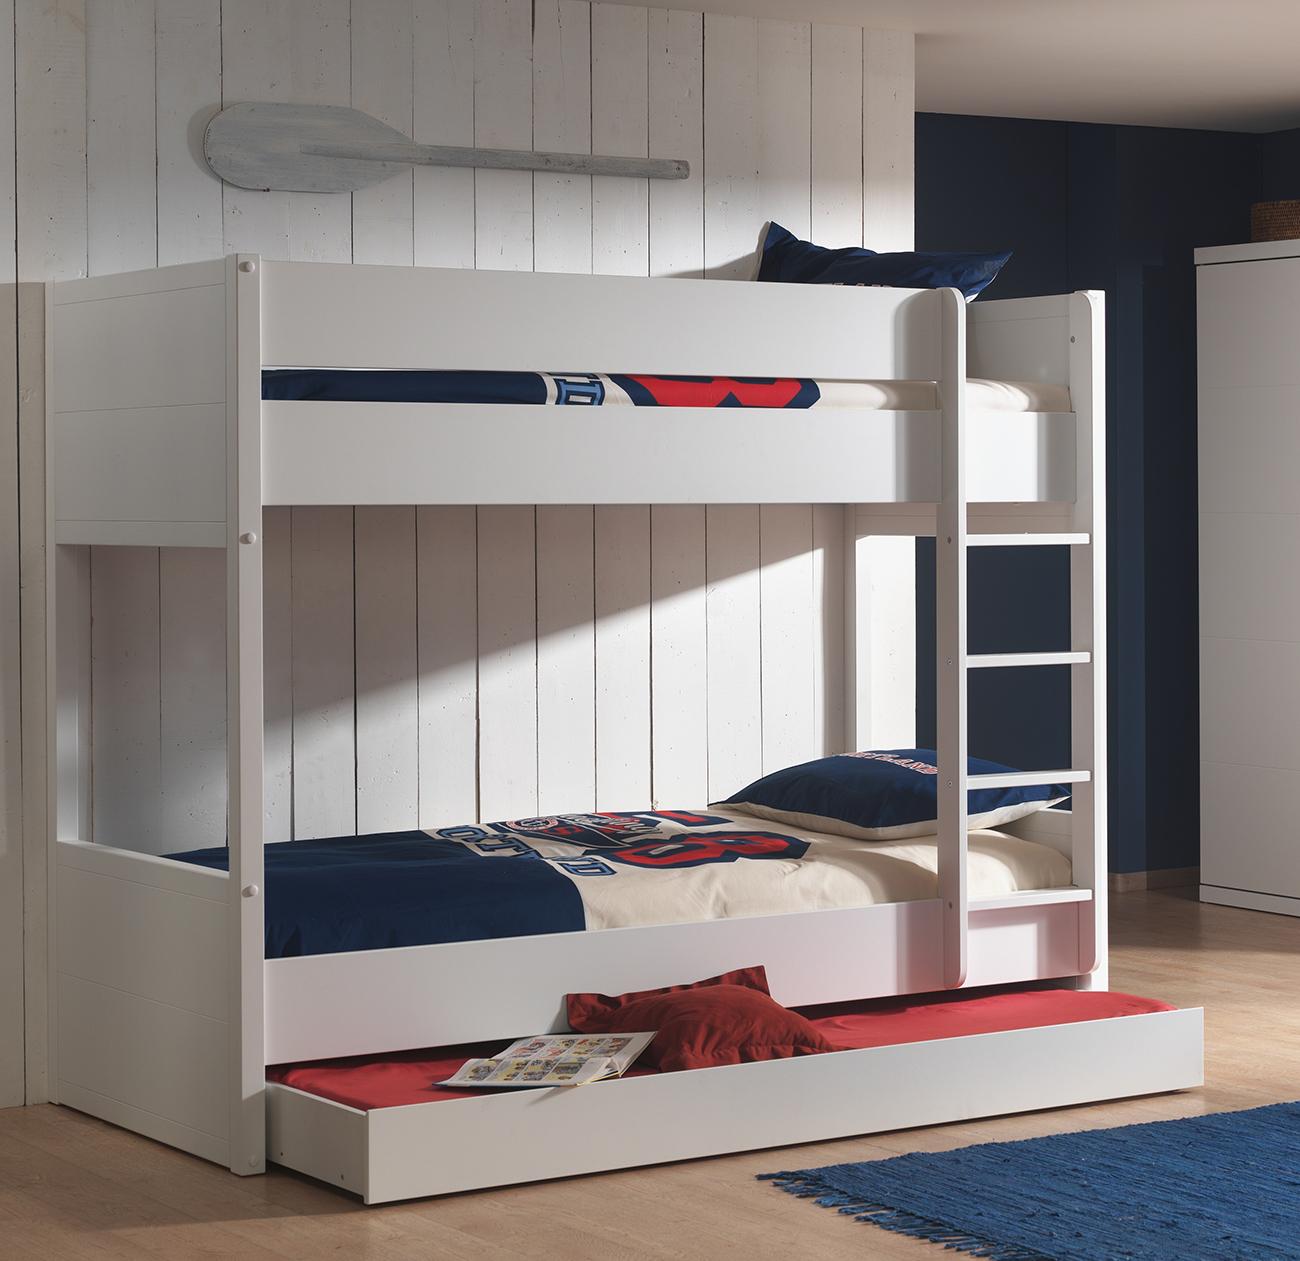 Etagenbett Mina weiß inklusive Bettkasten